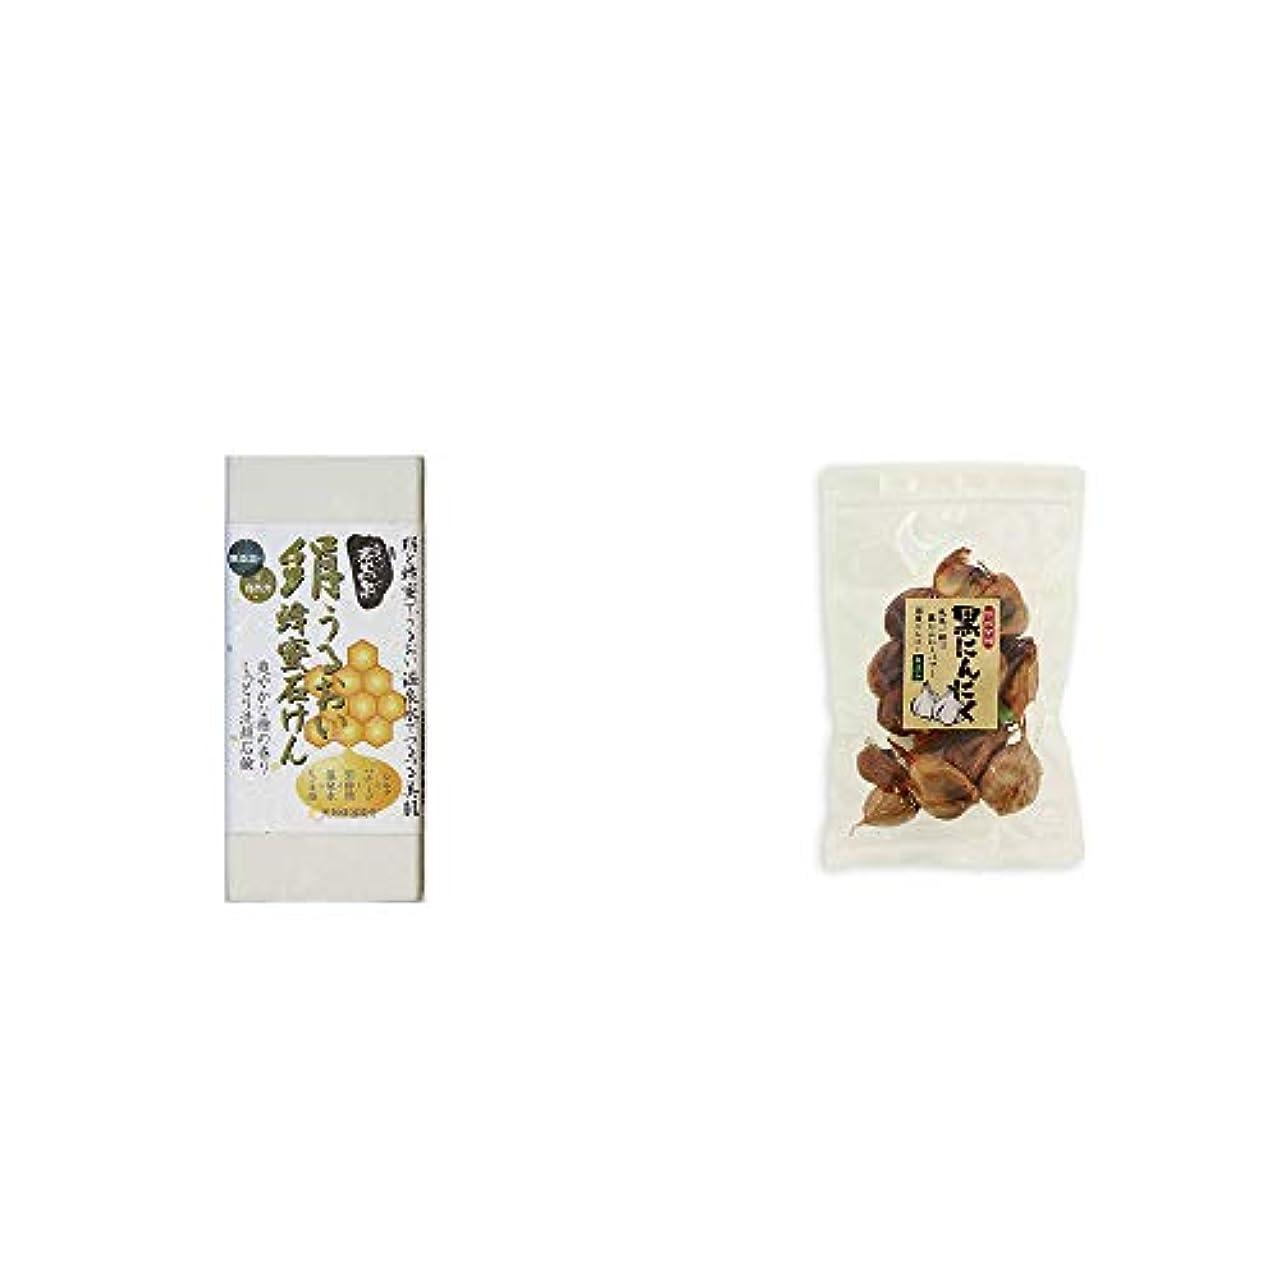 隠された変色する乱闘[2点セット] ひのき炭黒泉 絹うるおい蜂蜜石けん(75g×2)?熟成発酵 黒にんにく(120g)